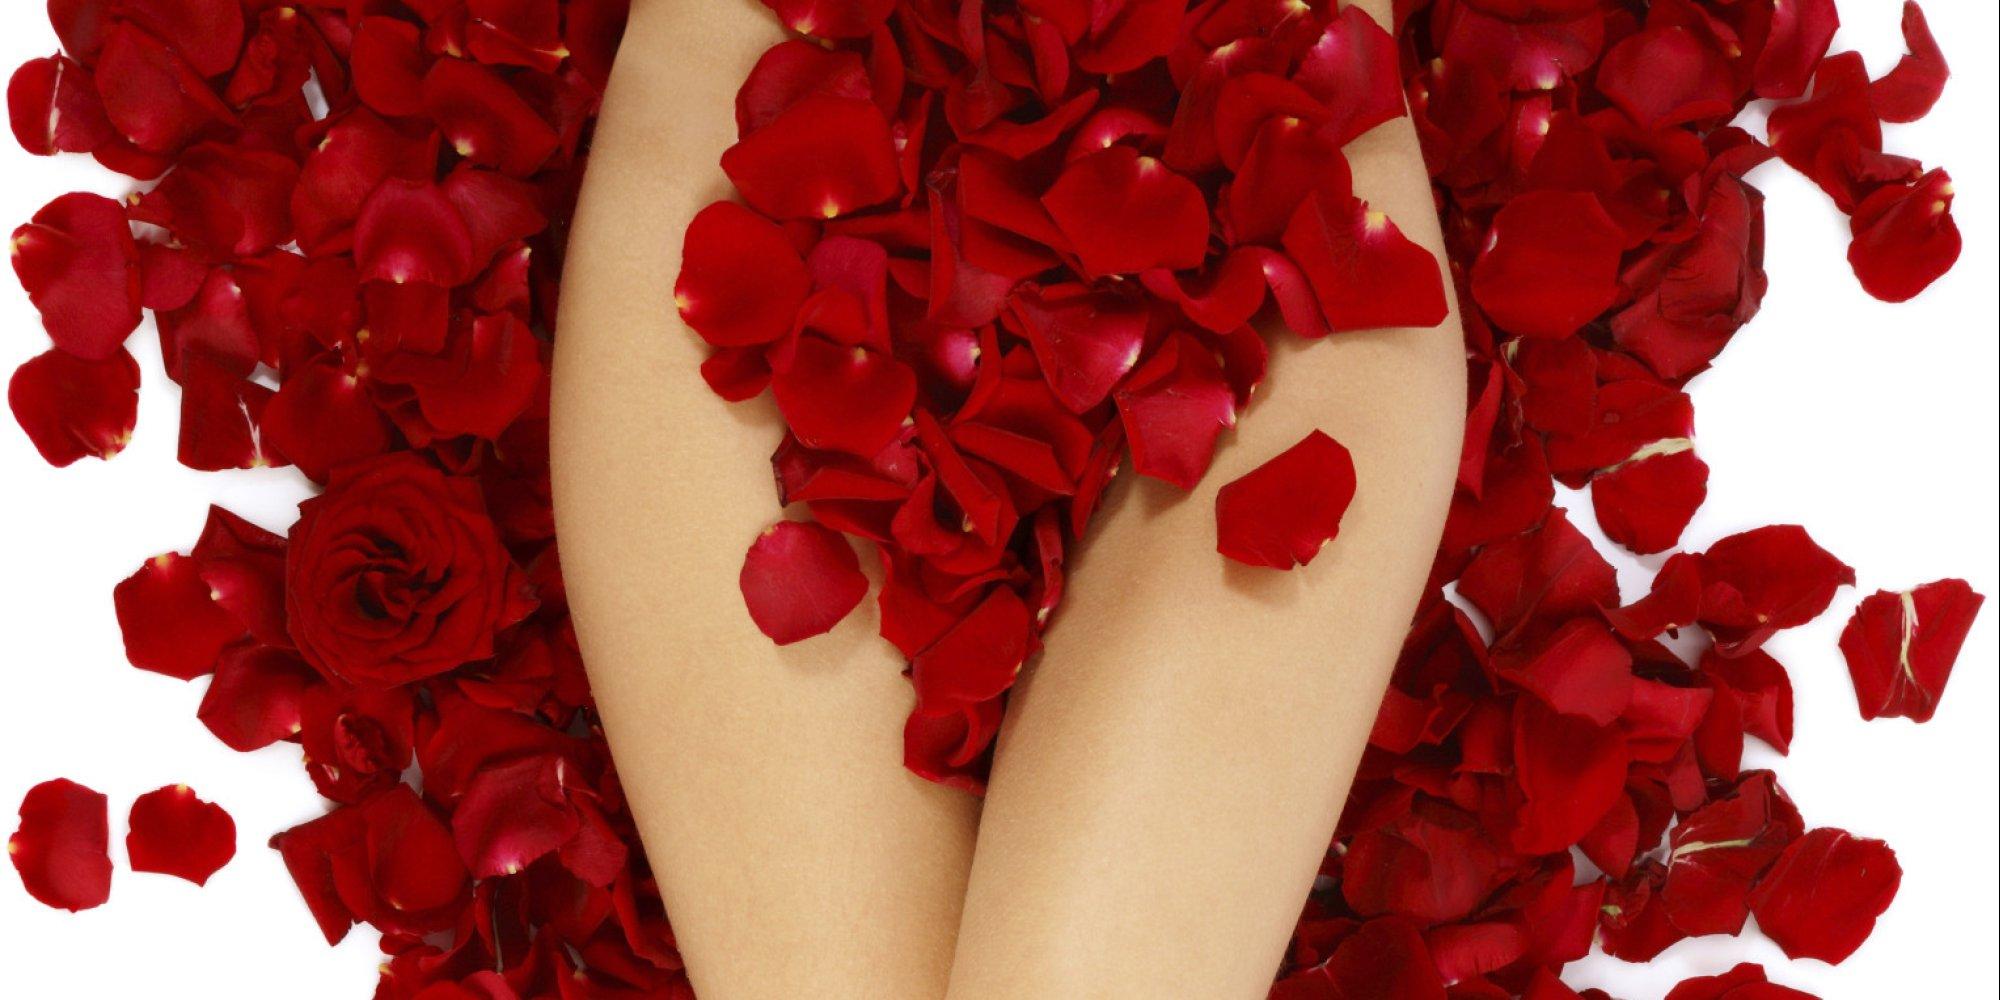 Menstruation-31258